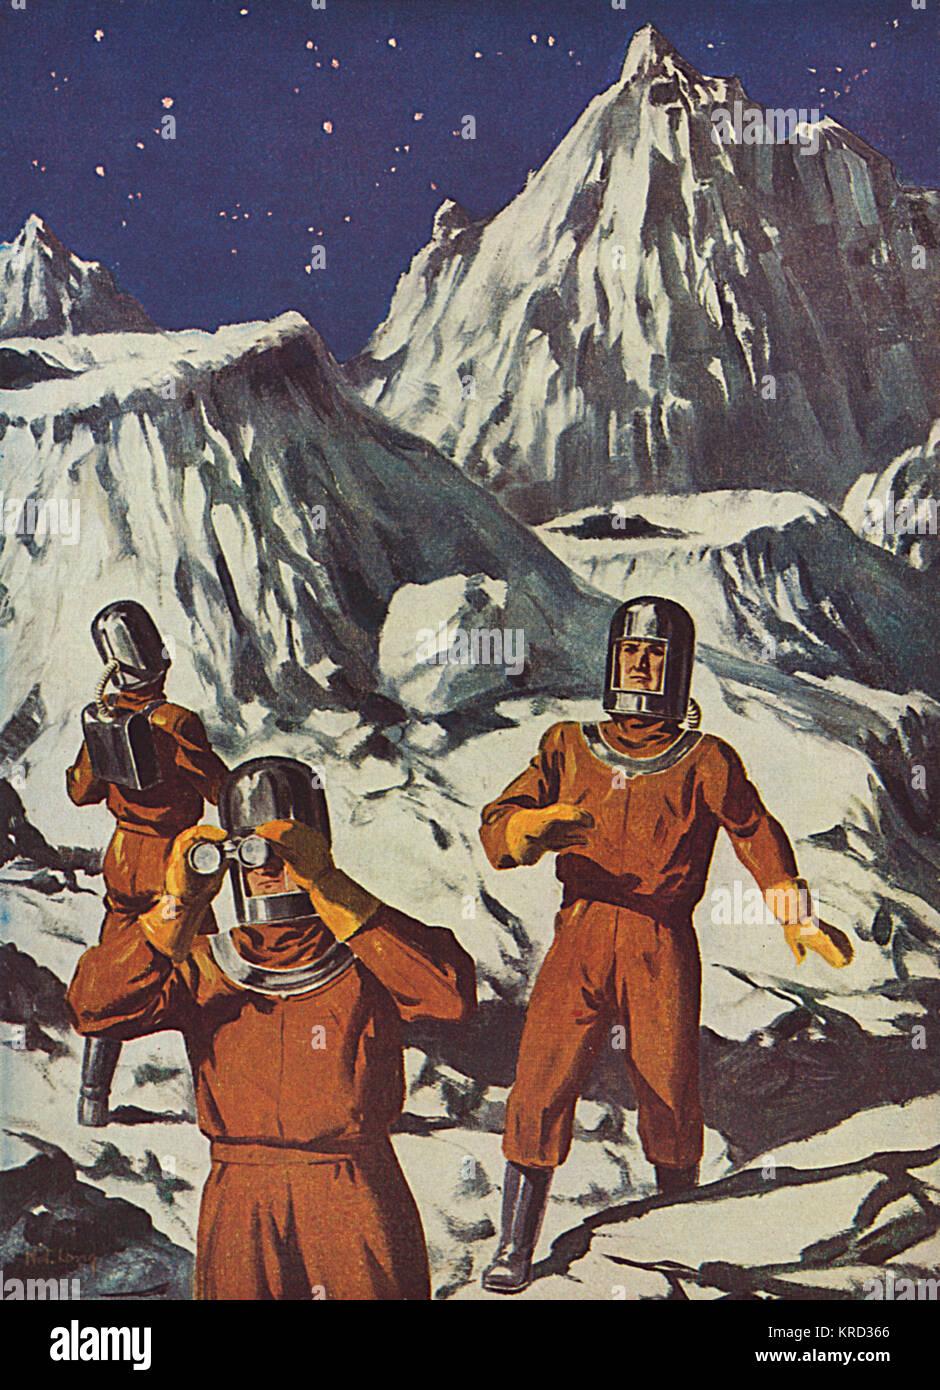 Eine futuristische Vorhersage von, was es wie wenn Mann schließlich landet auf dem Mond - Astronauten, die Stockbild